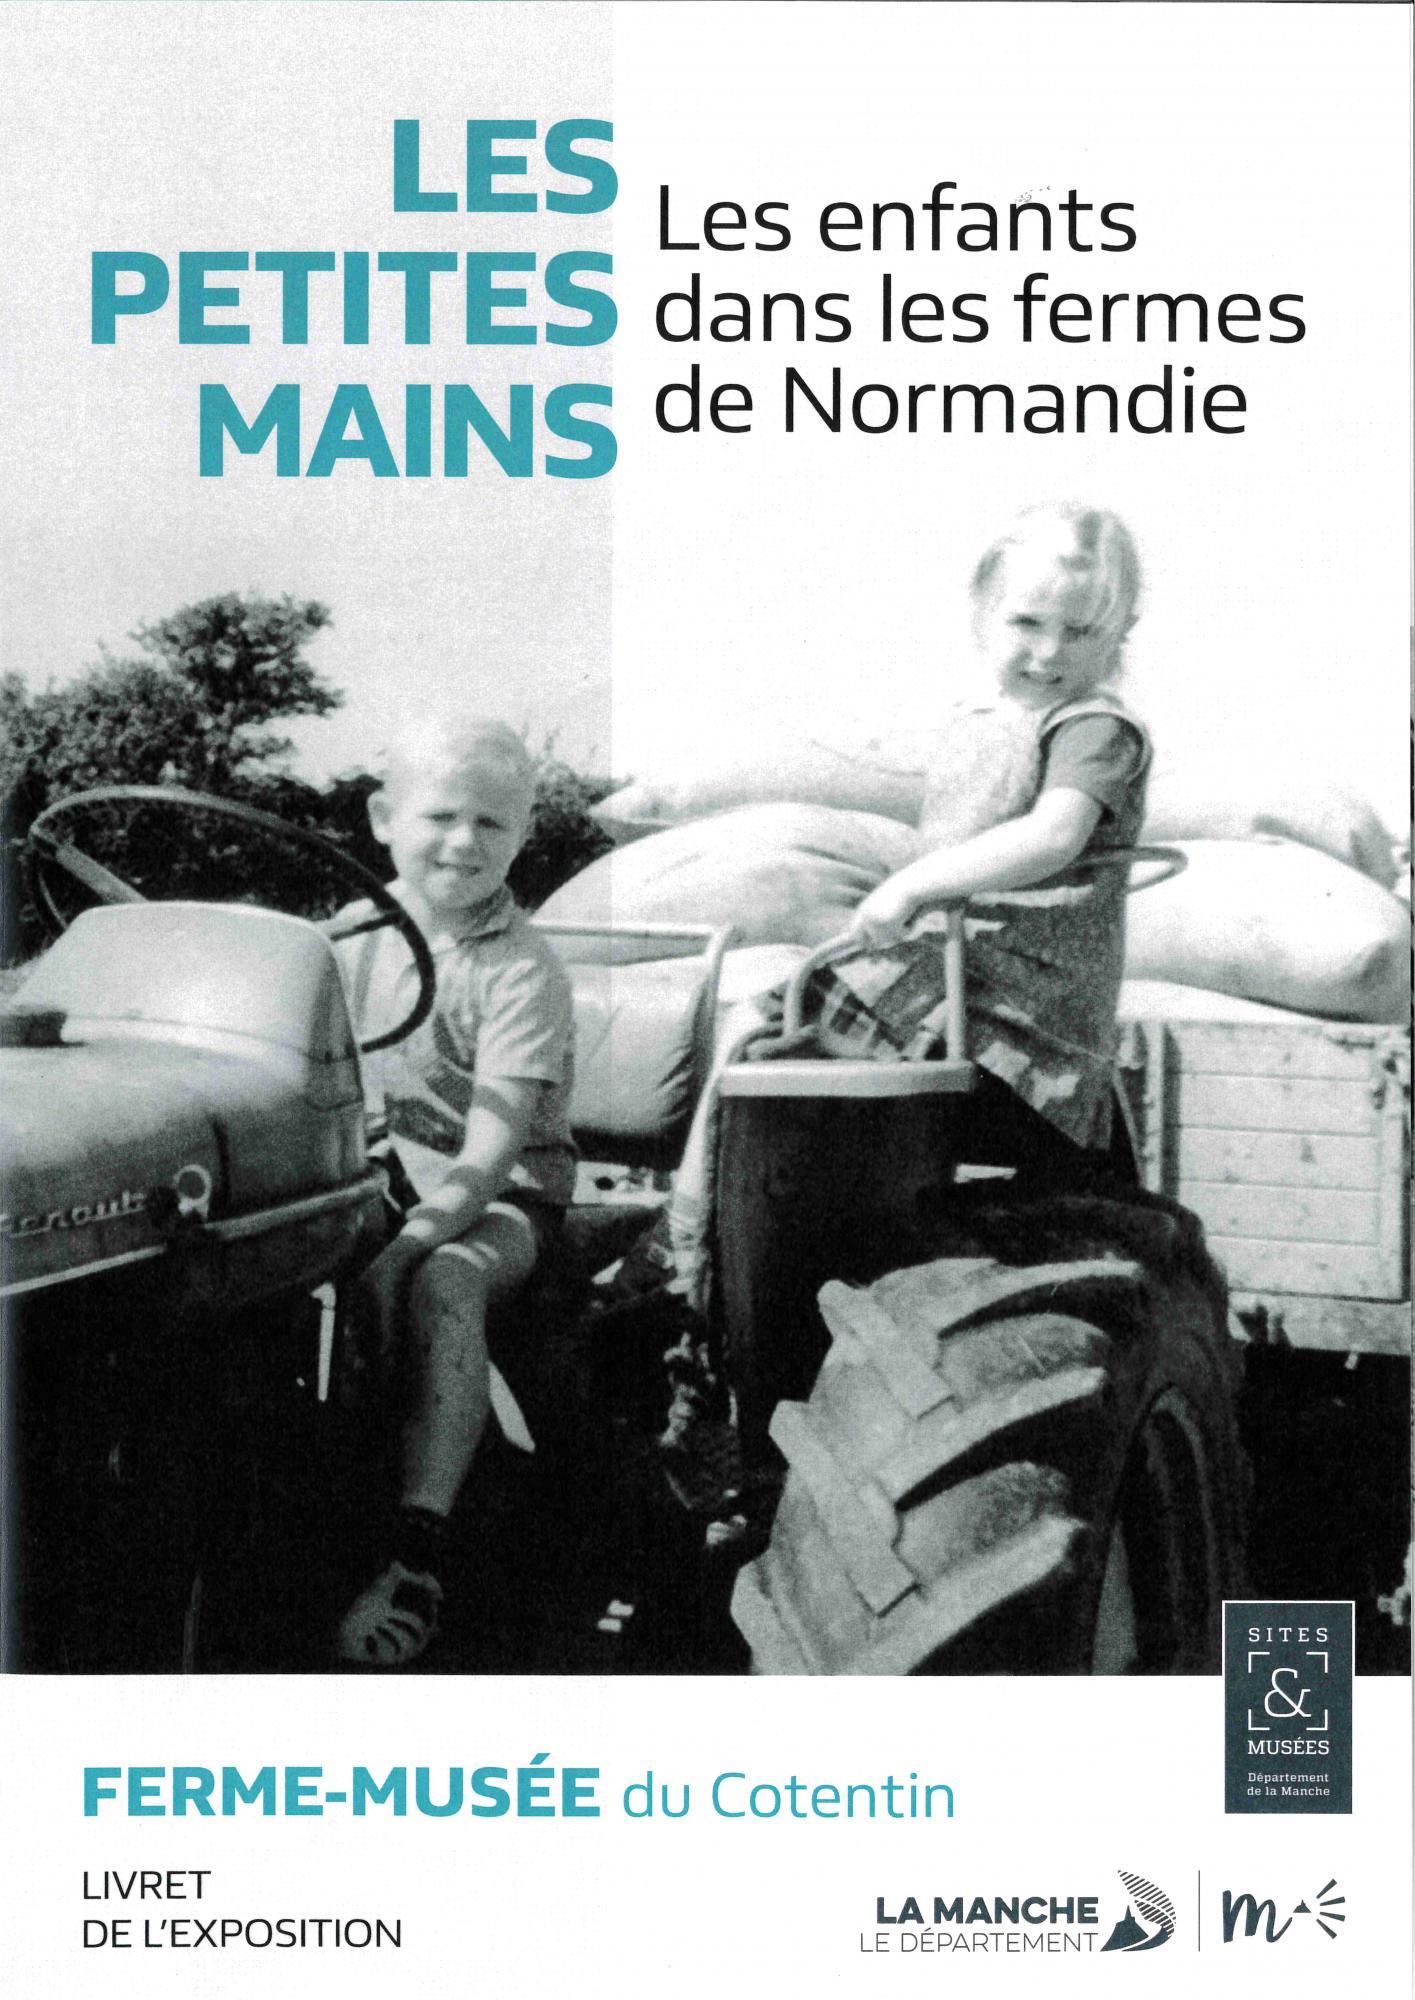 Les petites mains. Les enfants dans les fermes de Normandie